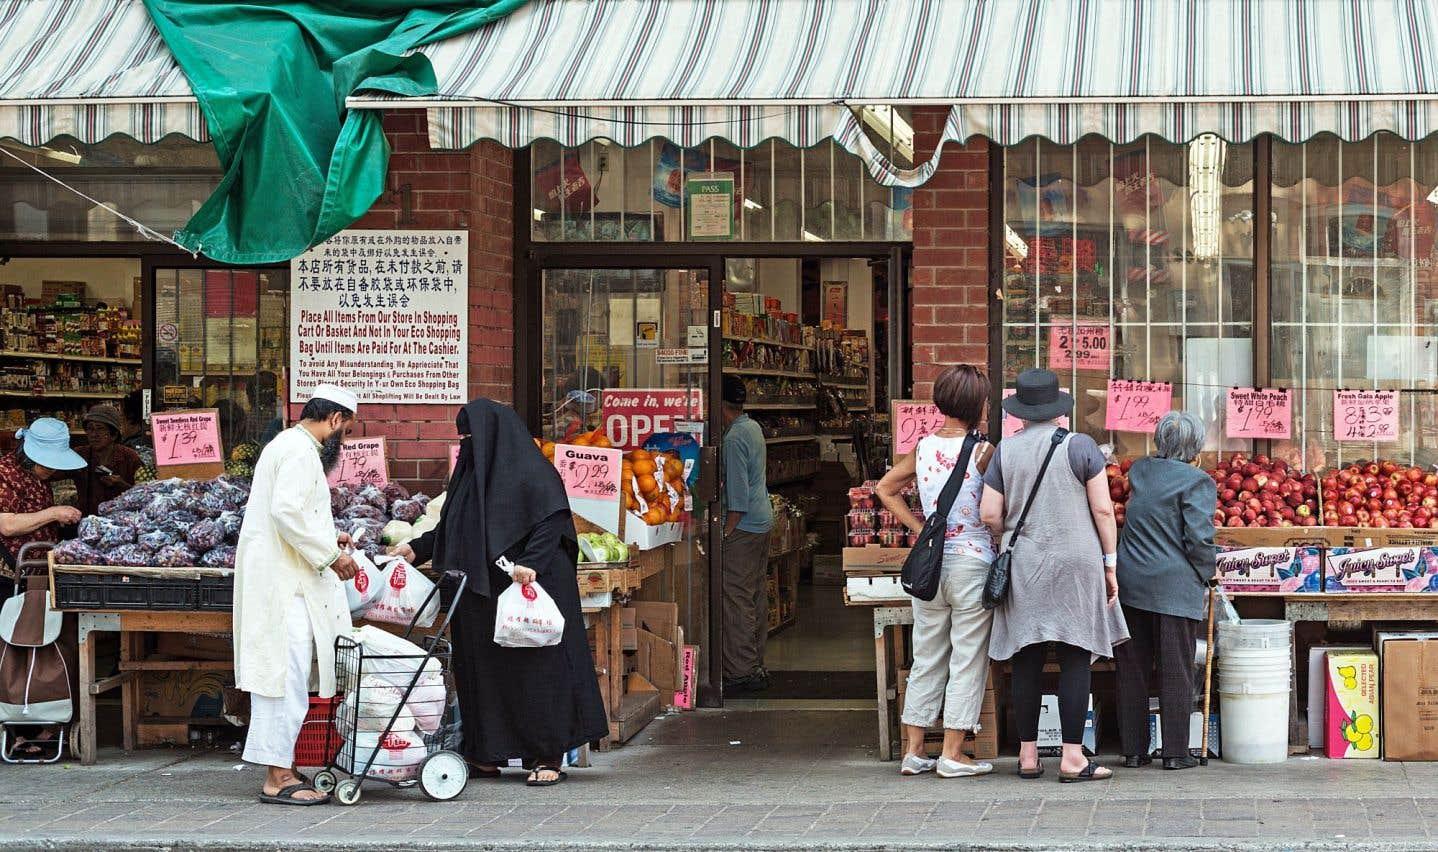 «Les cultures et les religions peuvent être différentes, les valeurs aussi, on le voit bien dans une ville pluriethnique comme l'est devenue Montréal, mais il s'agit toujours de la même humanité», souligne l'archevêque de Montréal, Mgr Christian Lépine.